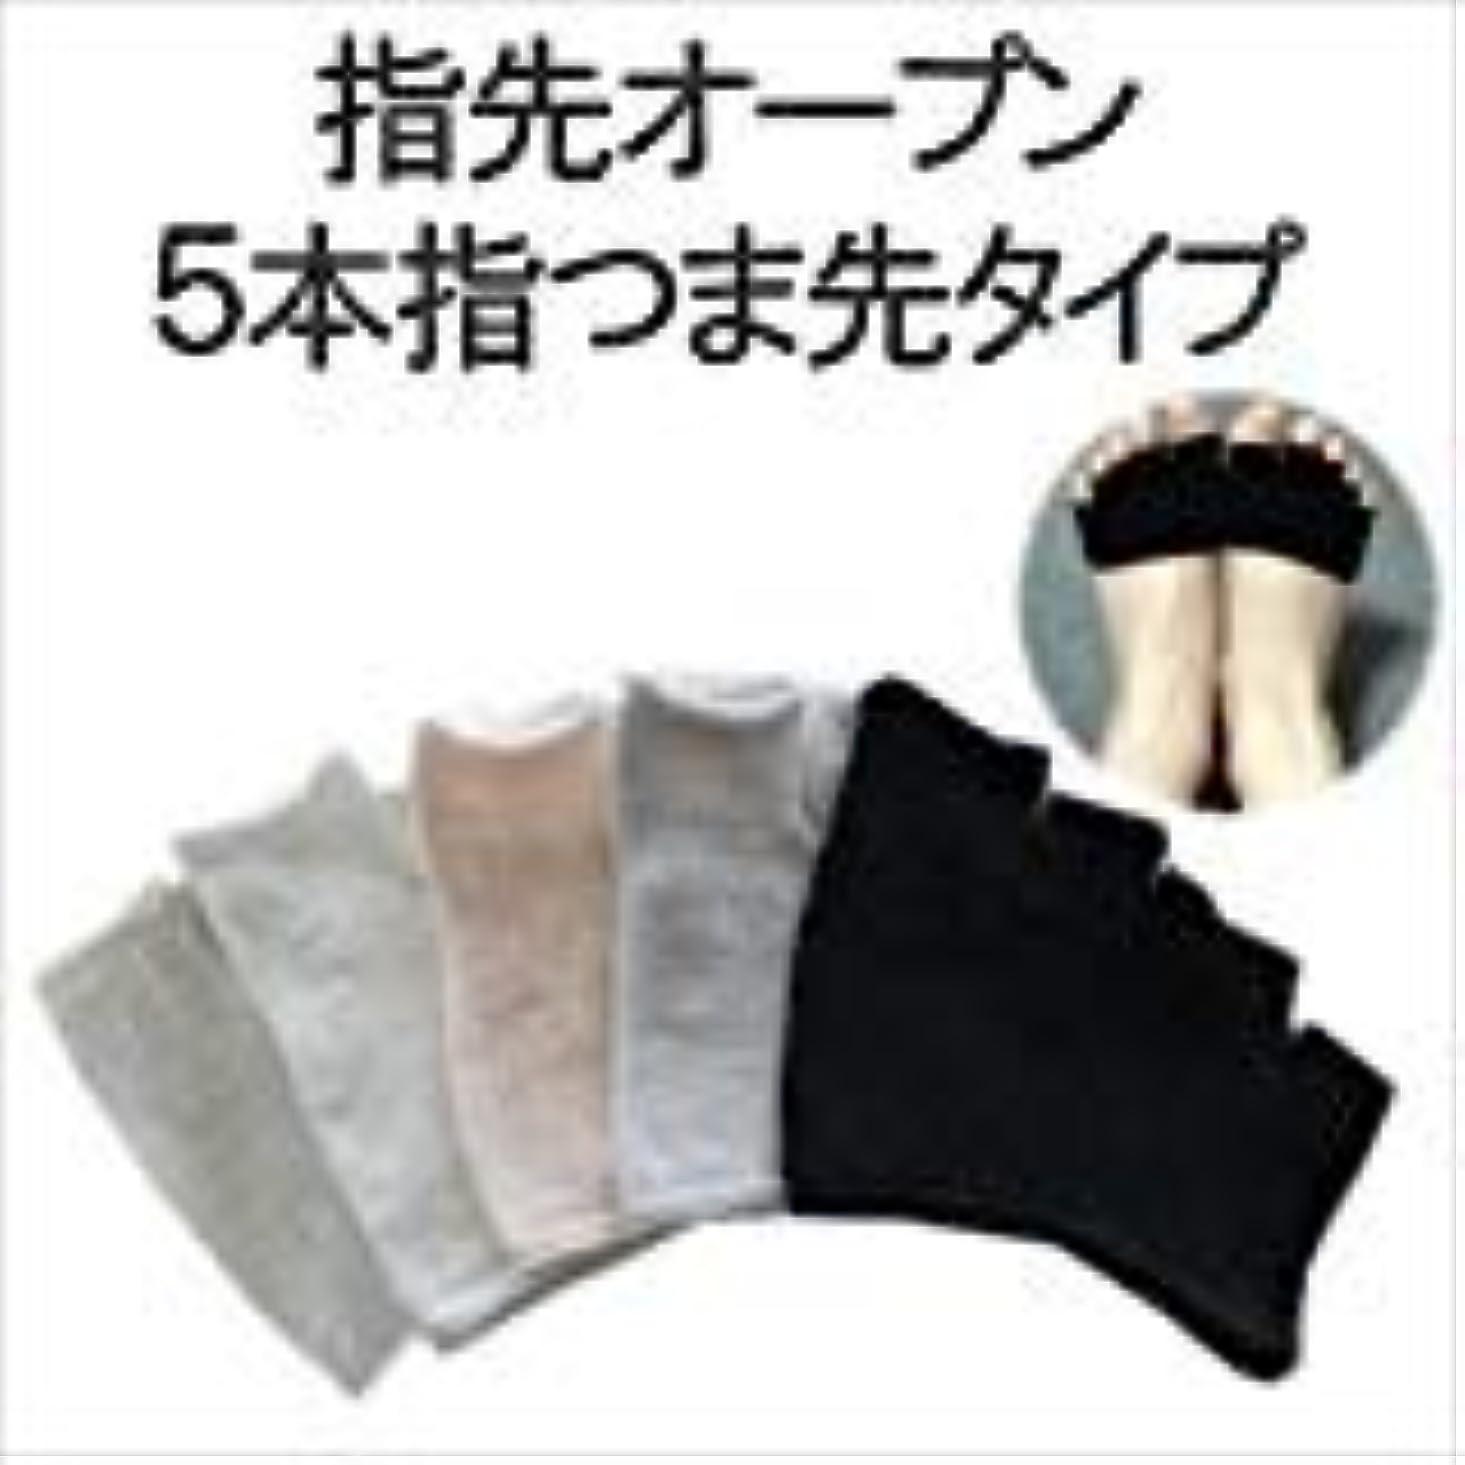 隠参照する抑制する重ね履き用 5本指 指先オープン 汗 臭い対策 男女兼用 太陽ニット 310 (ブラック)